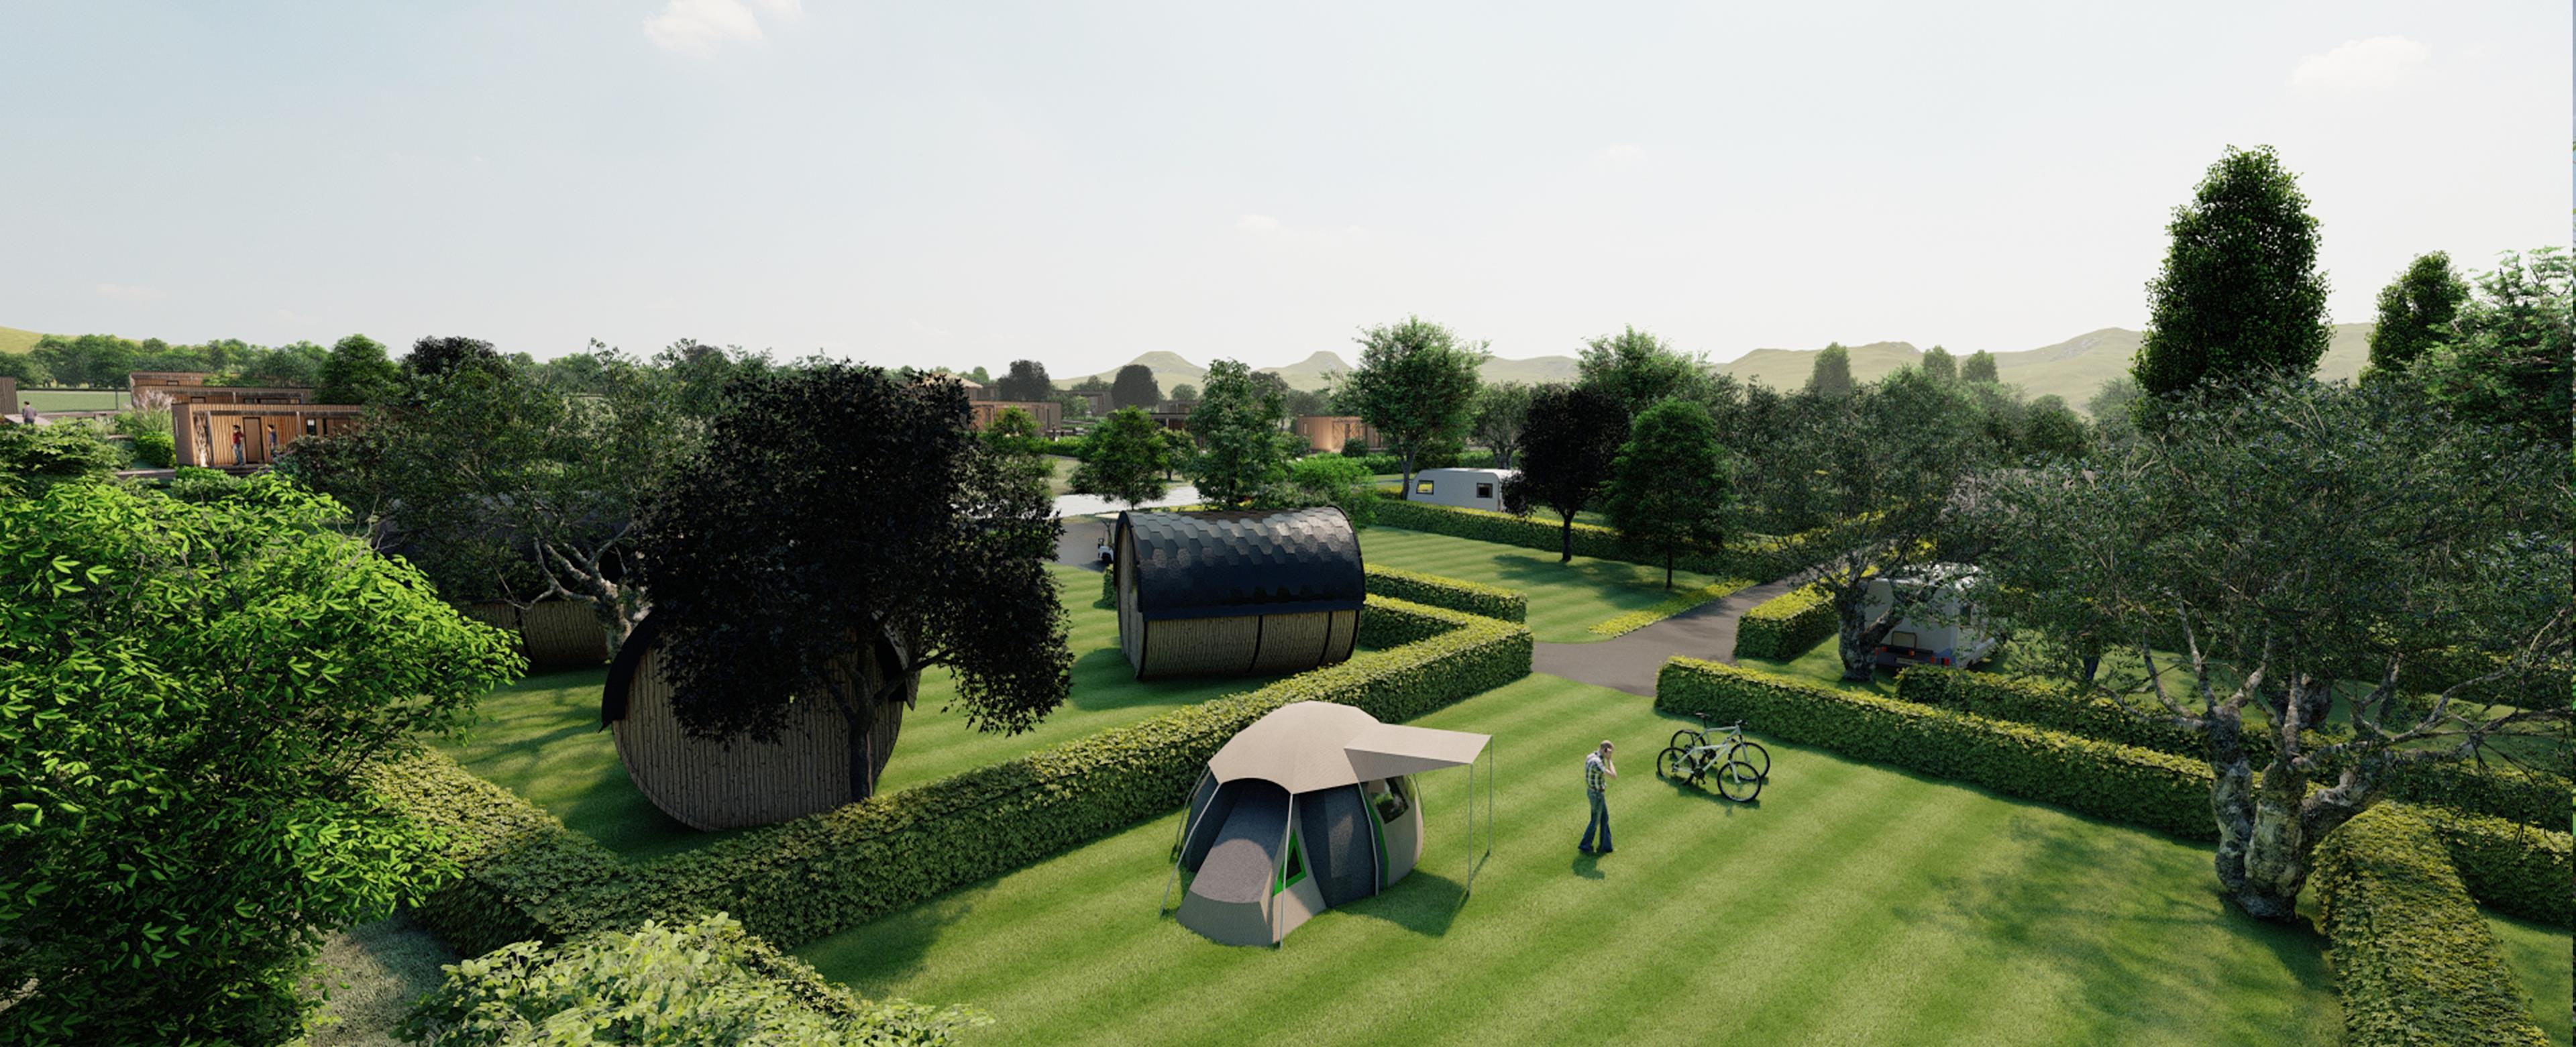 Emplacement - Emplacement De Camping Luxe - Camping Du Domaine de Massereau